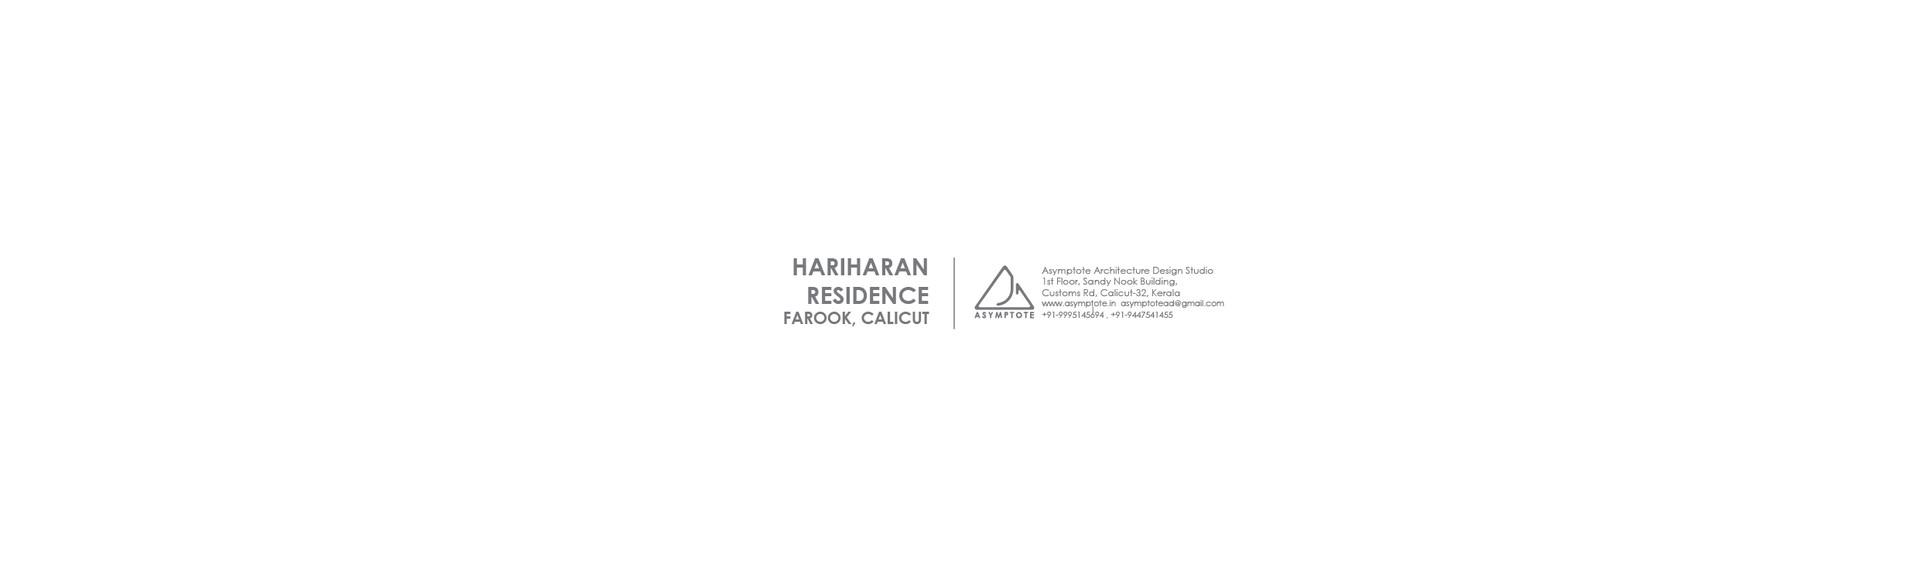 HARIHARAN-01.jpg